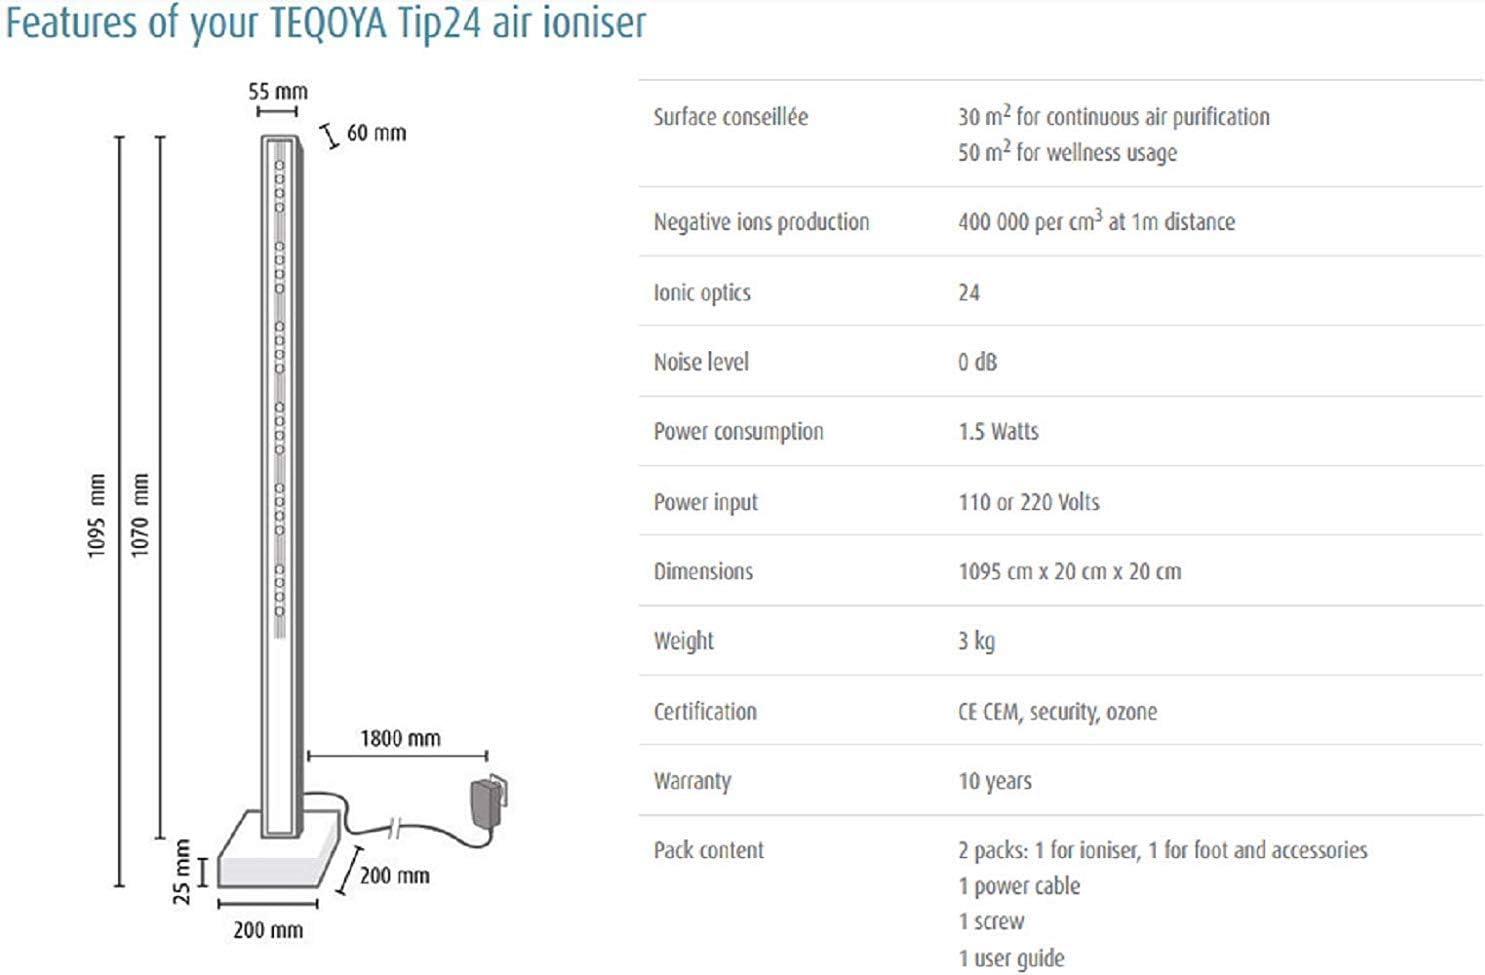 fendkcg Tip 24 | gran purificador de aire silencioso y discreto | ionizador para pieza de 30 m2 | diseño elegante | consumo eléctrico quasi tablas | Purification Air en continua |